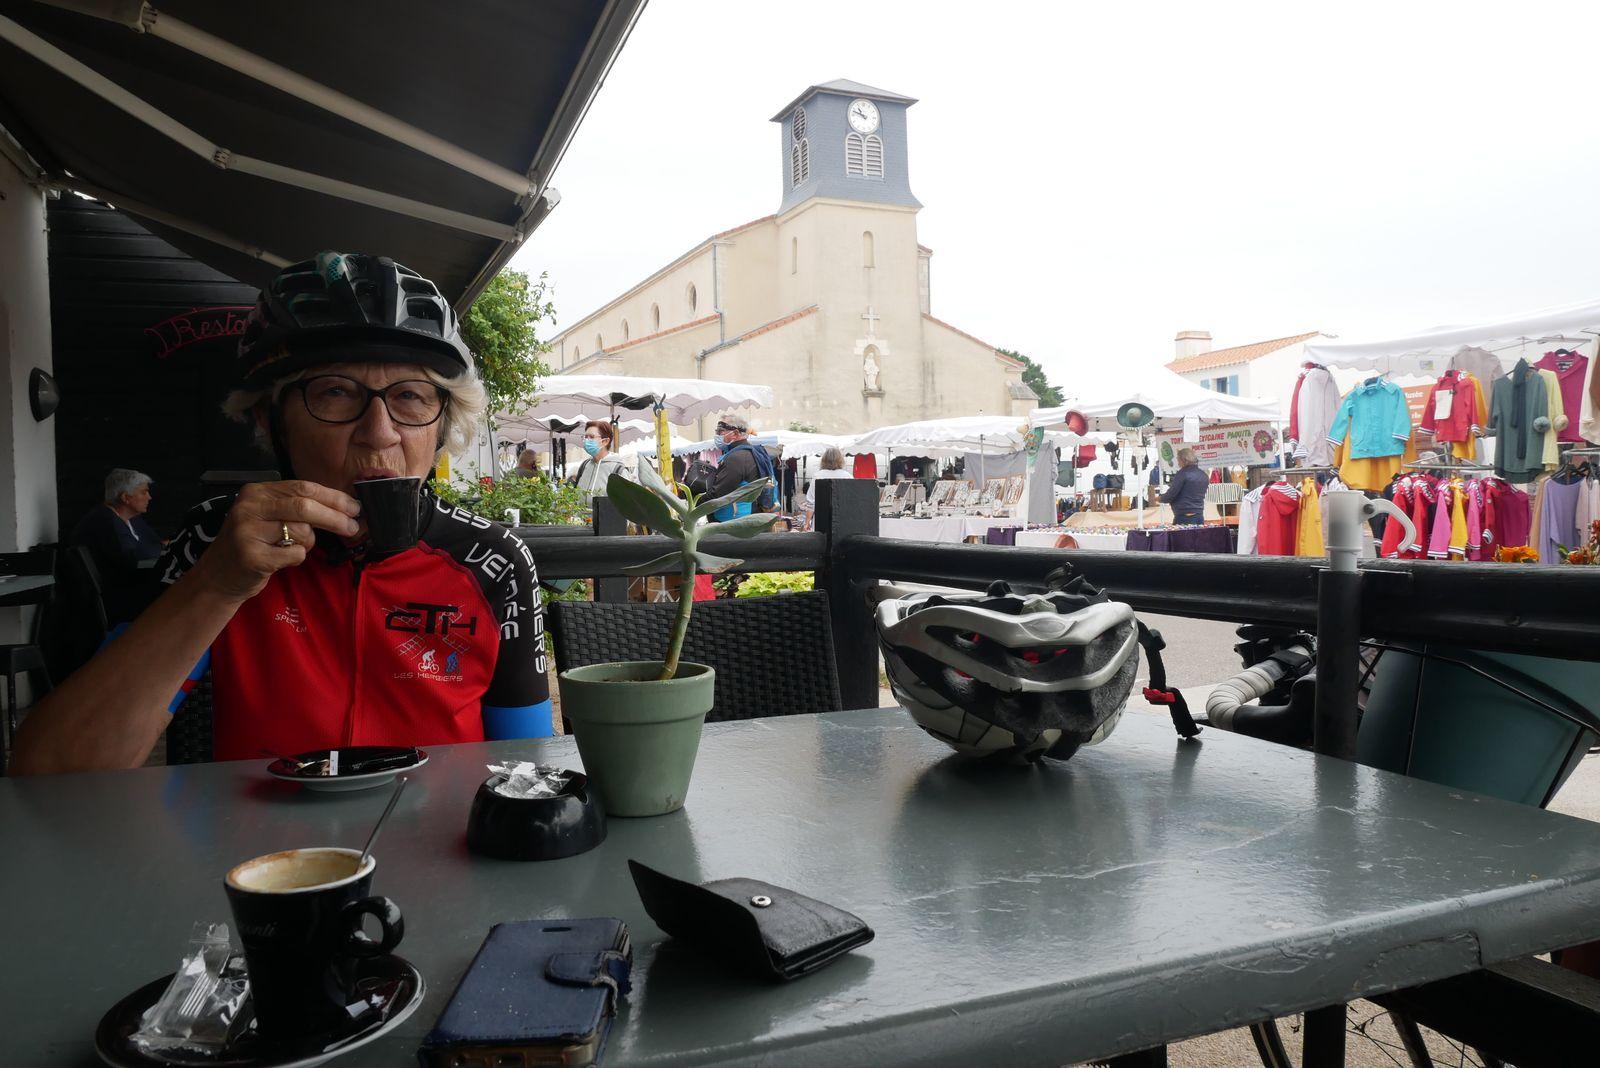 La Guérinière, sur l'île de Noirmoutier. C'est le moment de la pause-café.